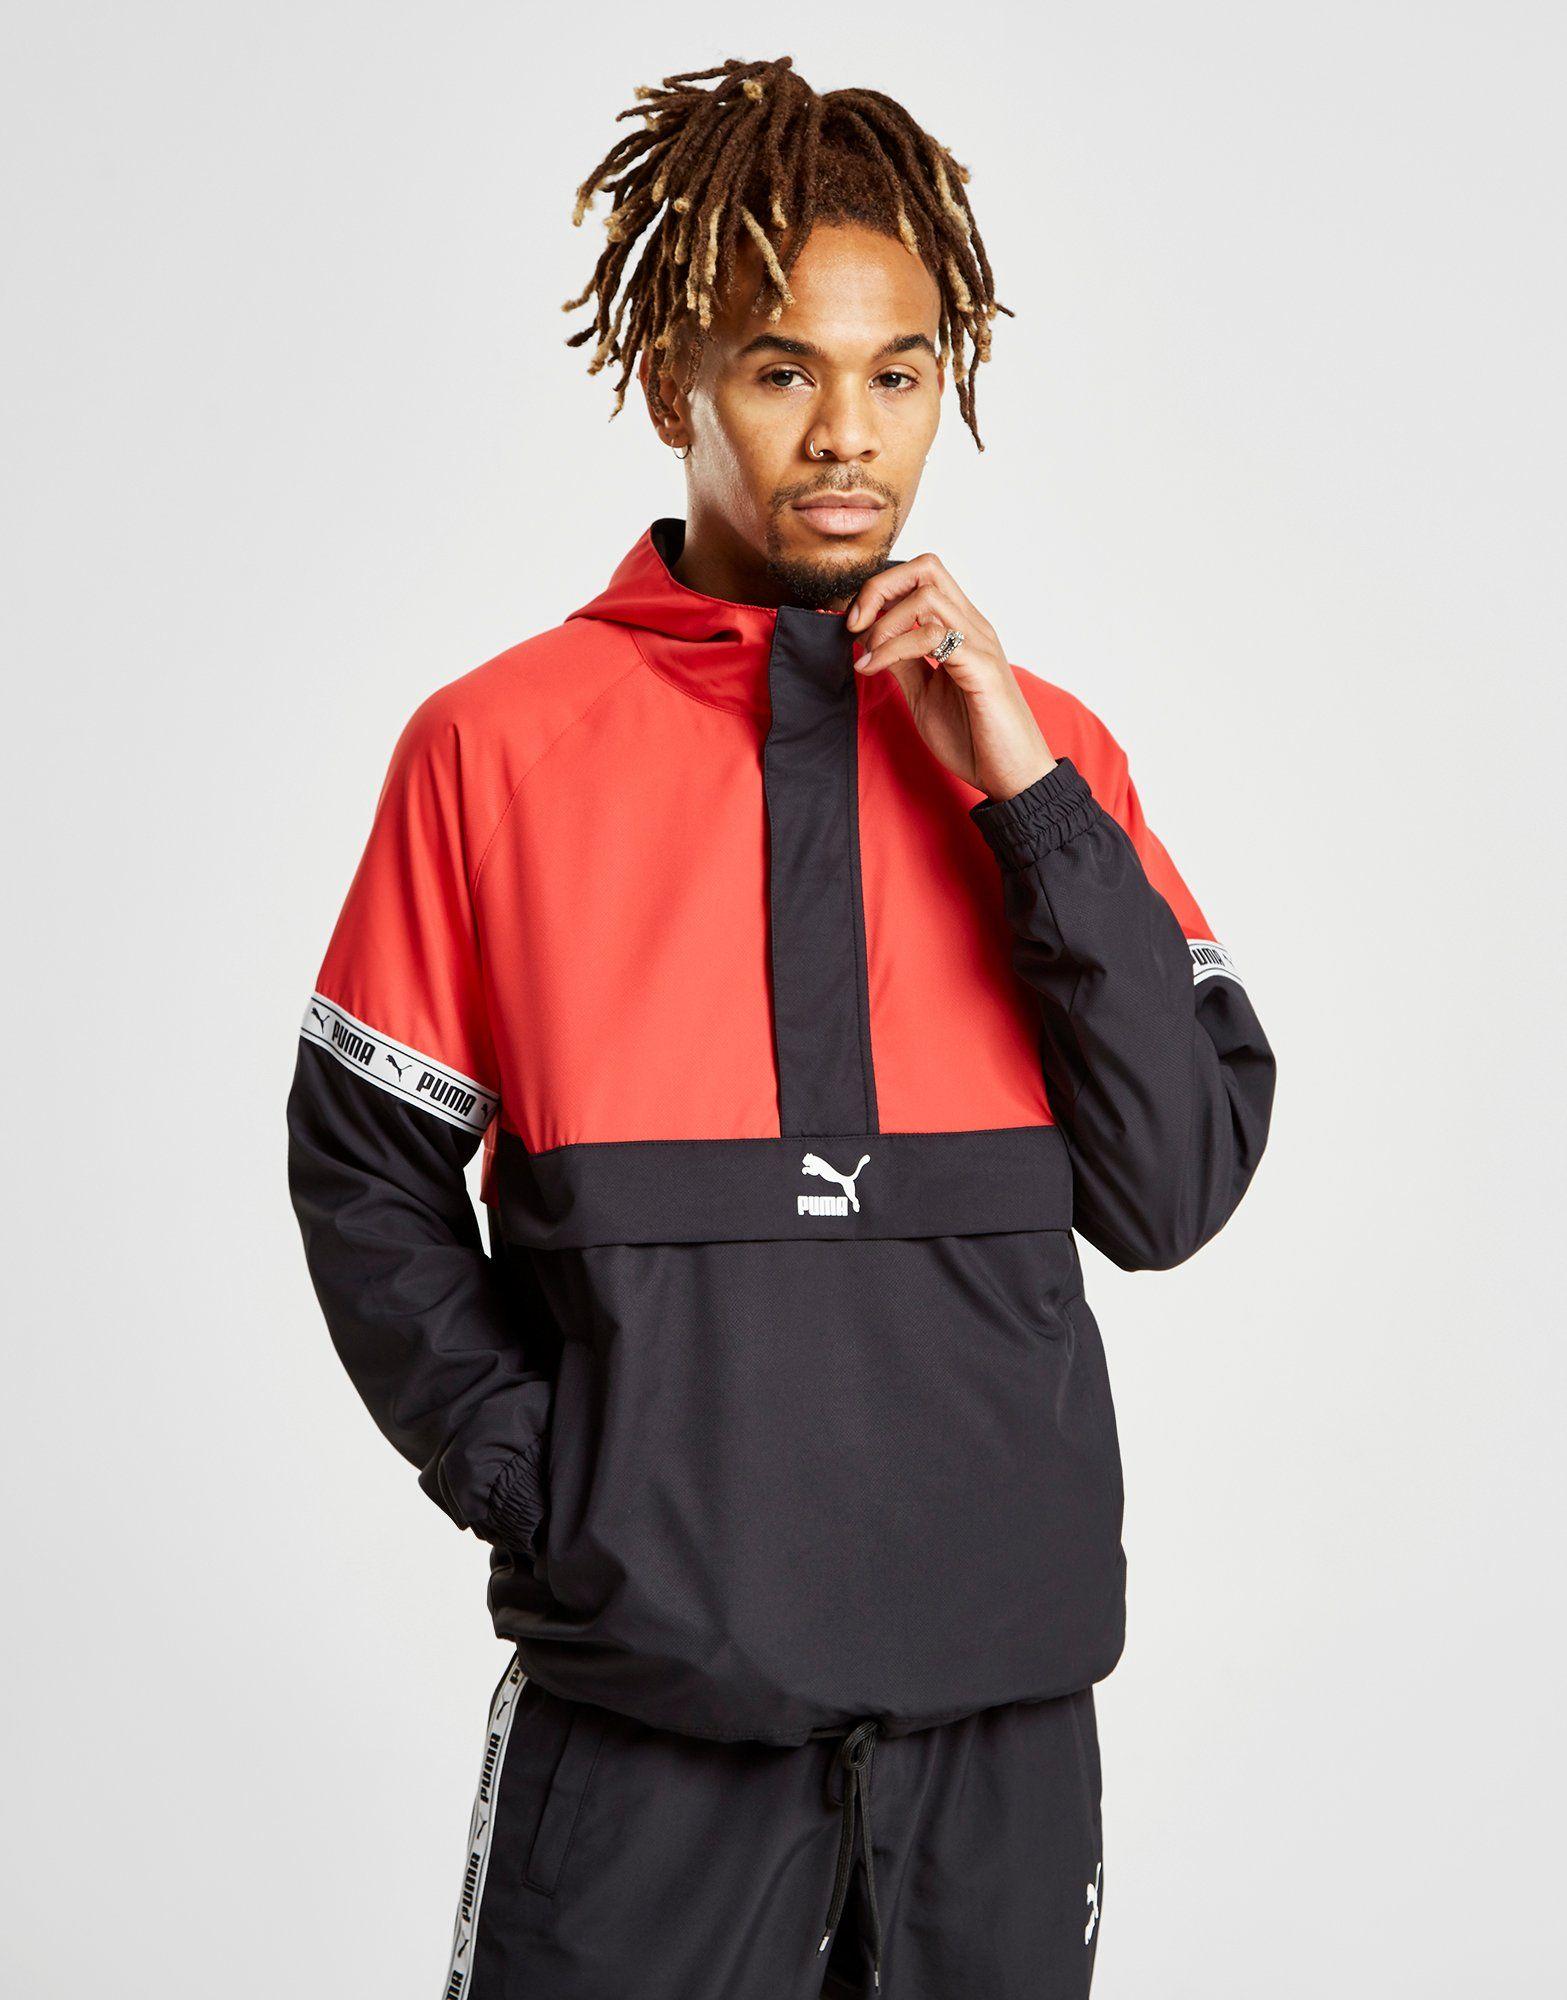 PUMA XTG Woven 1/4 Zip Jacket